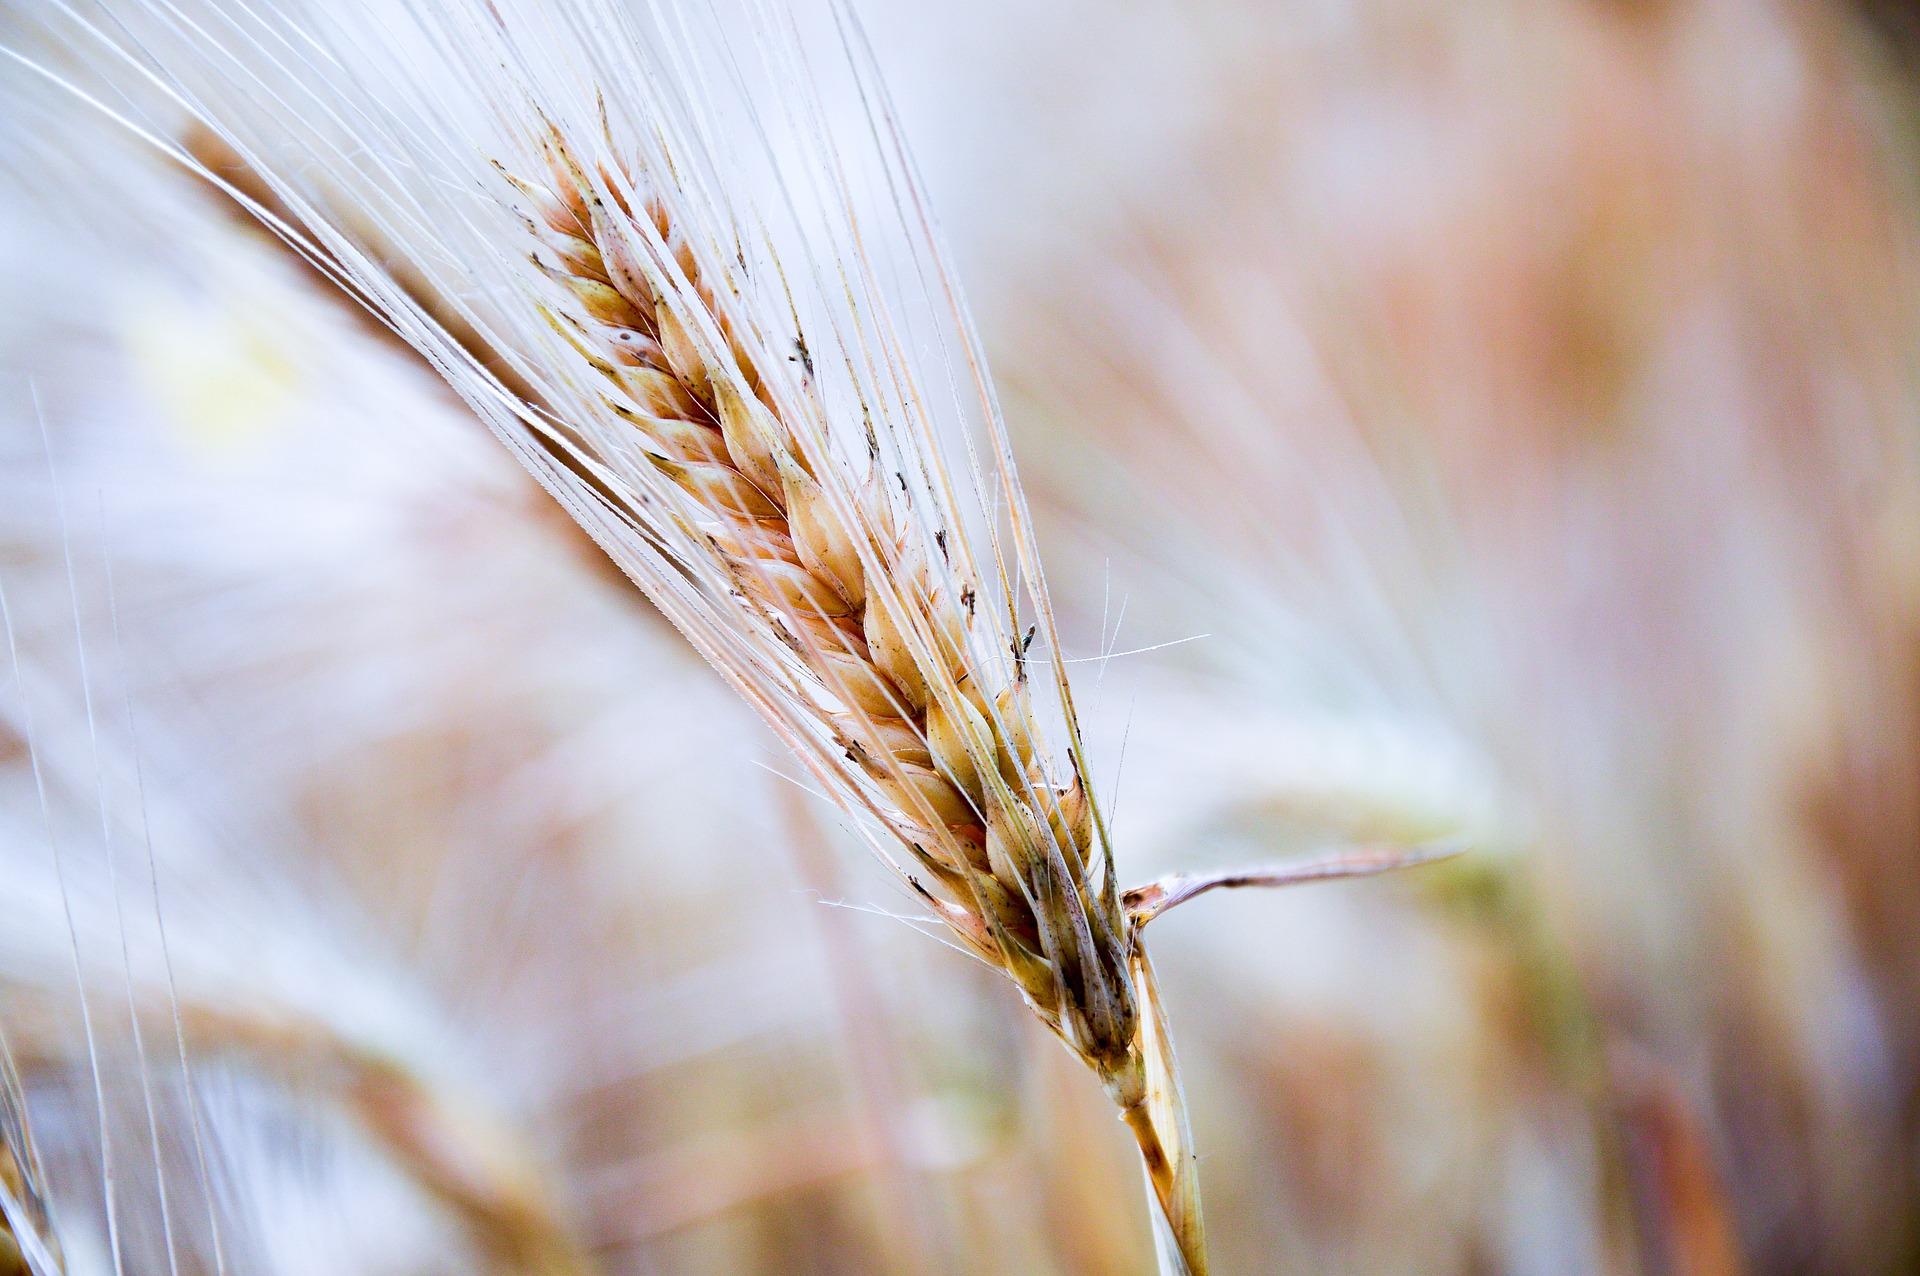 KOWR prognozuje wzrost cen zbóż 20-30%